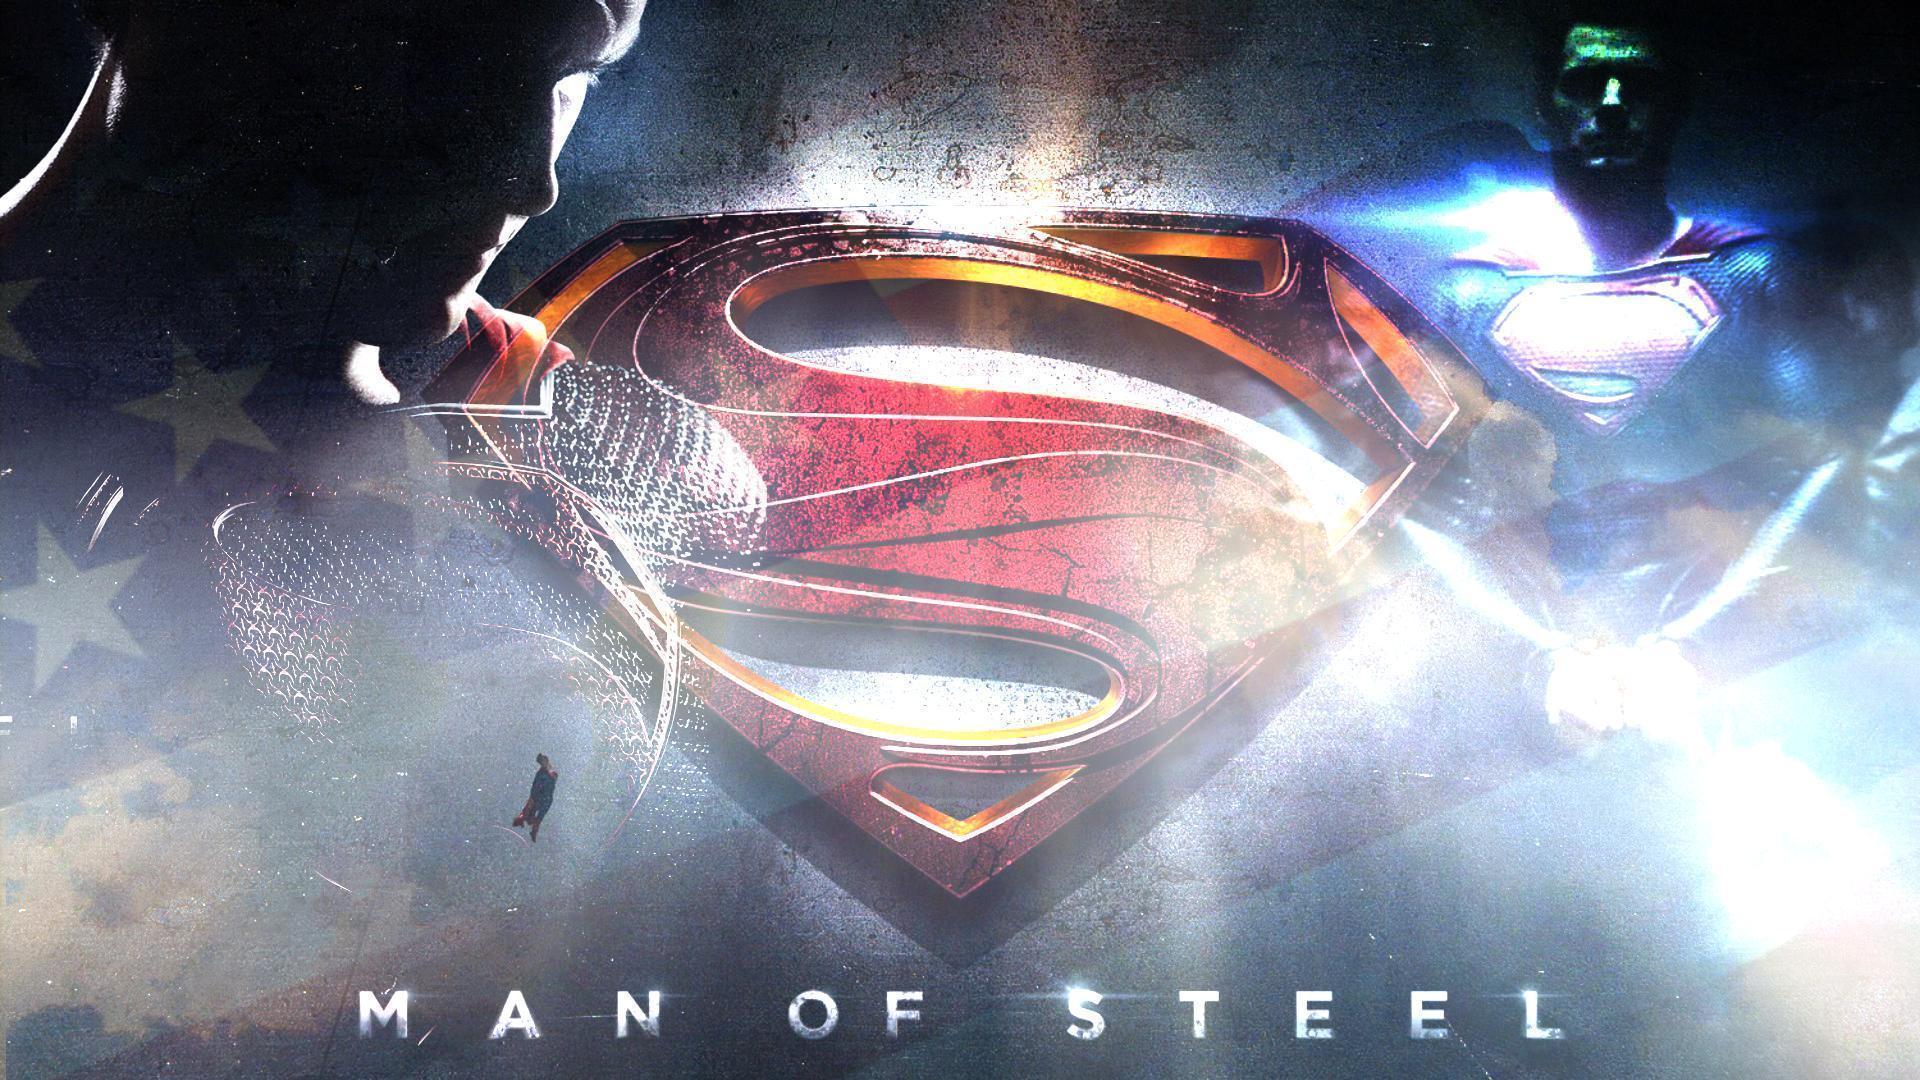 Man of steel desktop wallpaper